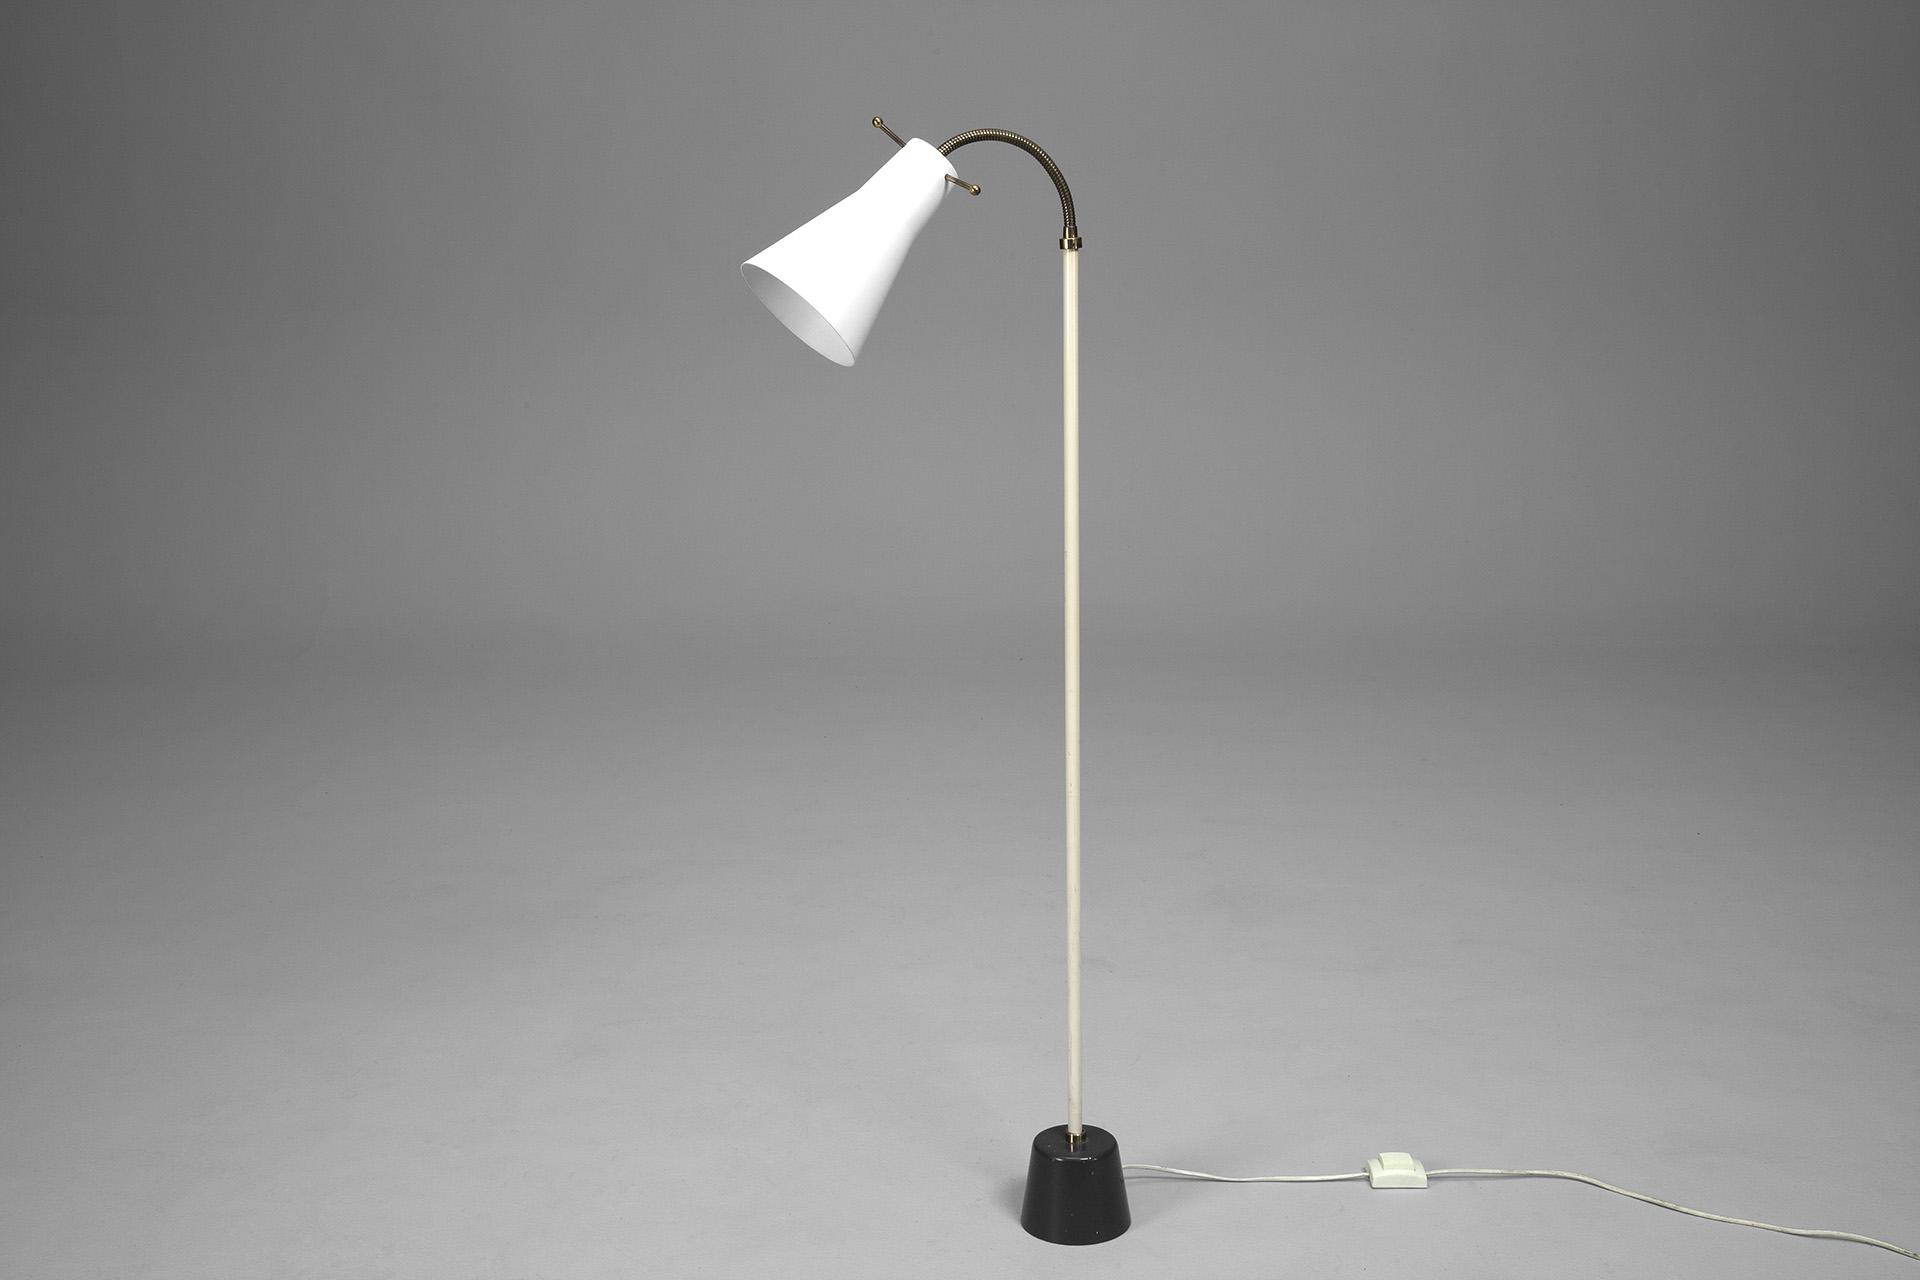 wholesale dealer 59e1a c190e Jacksons - Floor Lamp - Lisa Johansson Pape